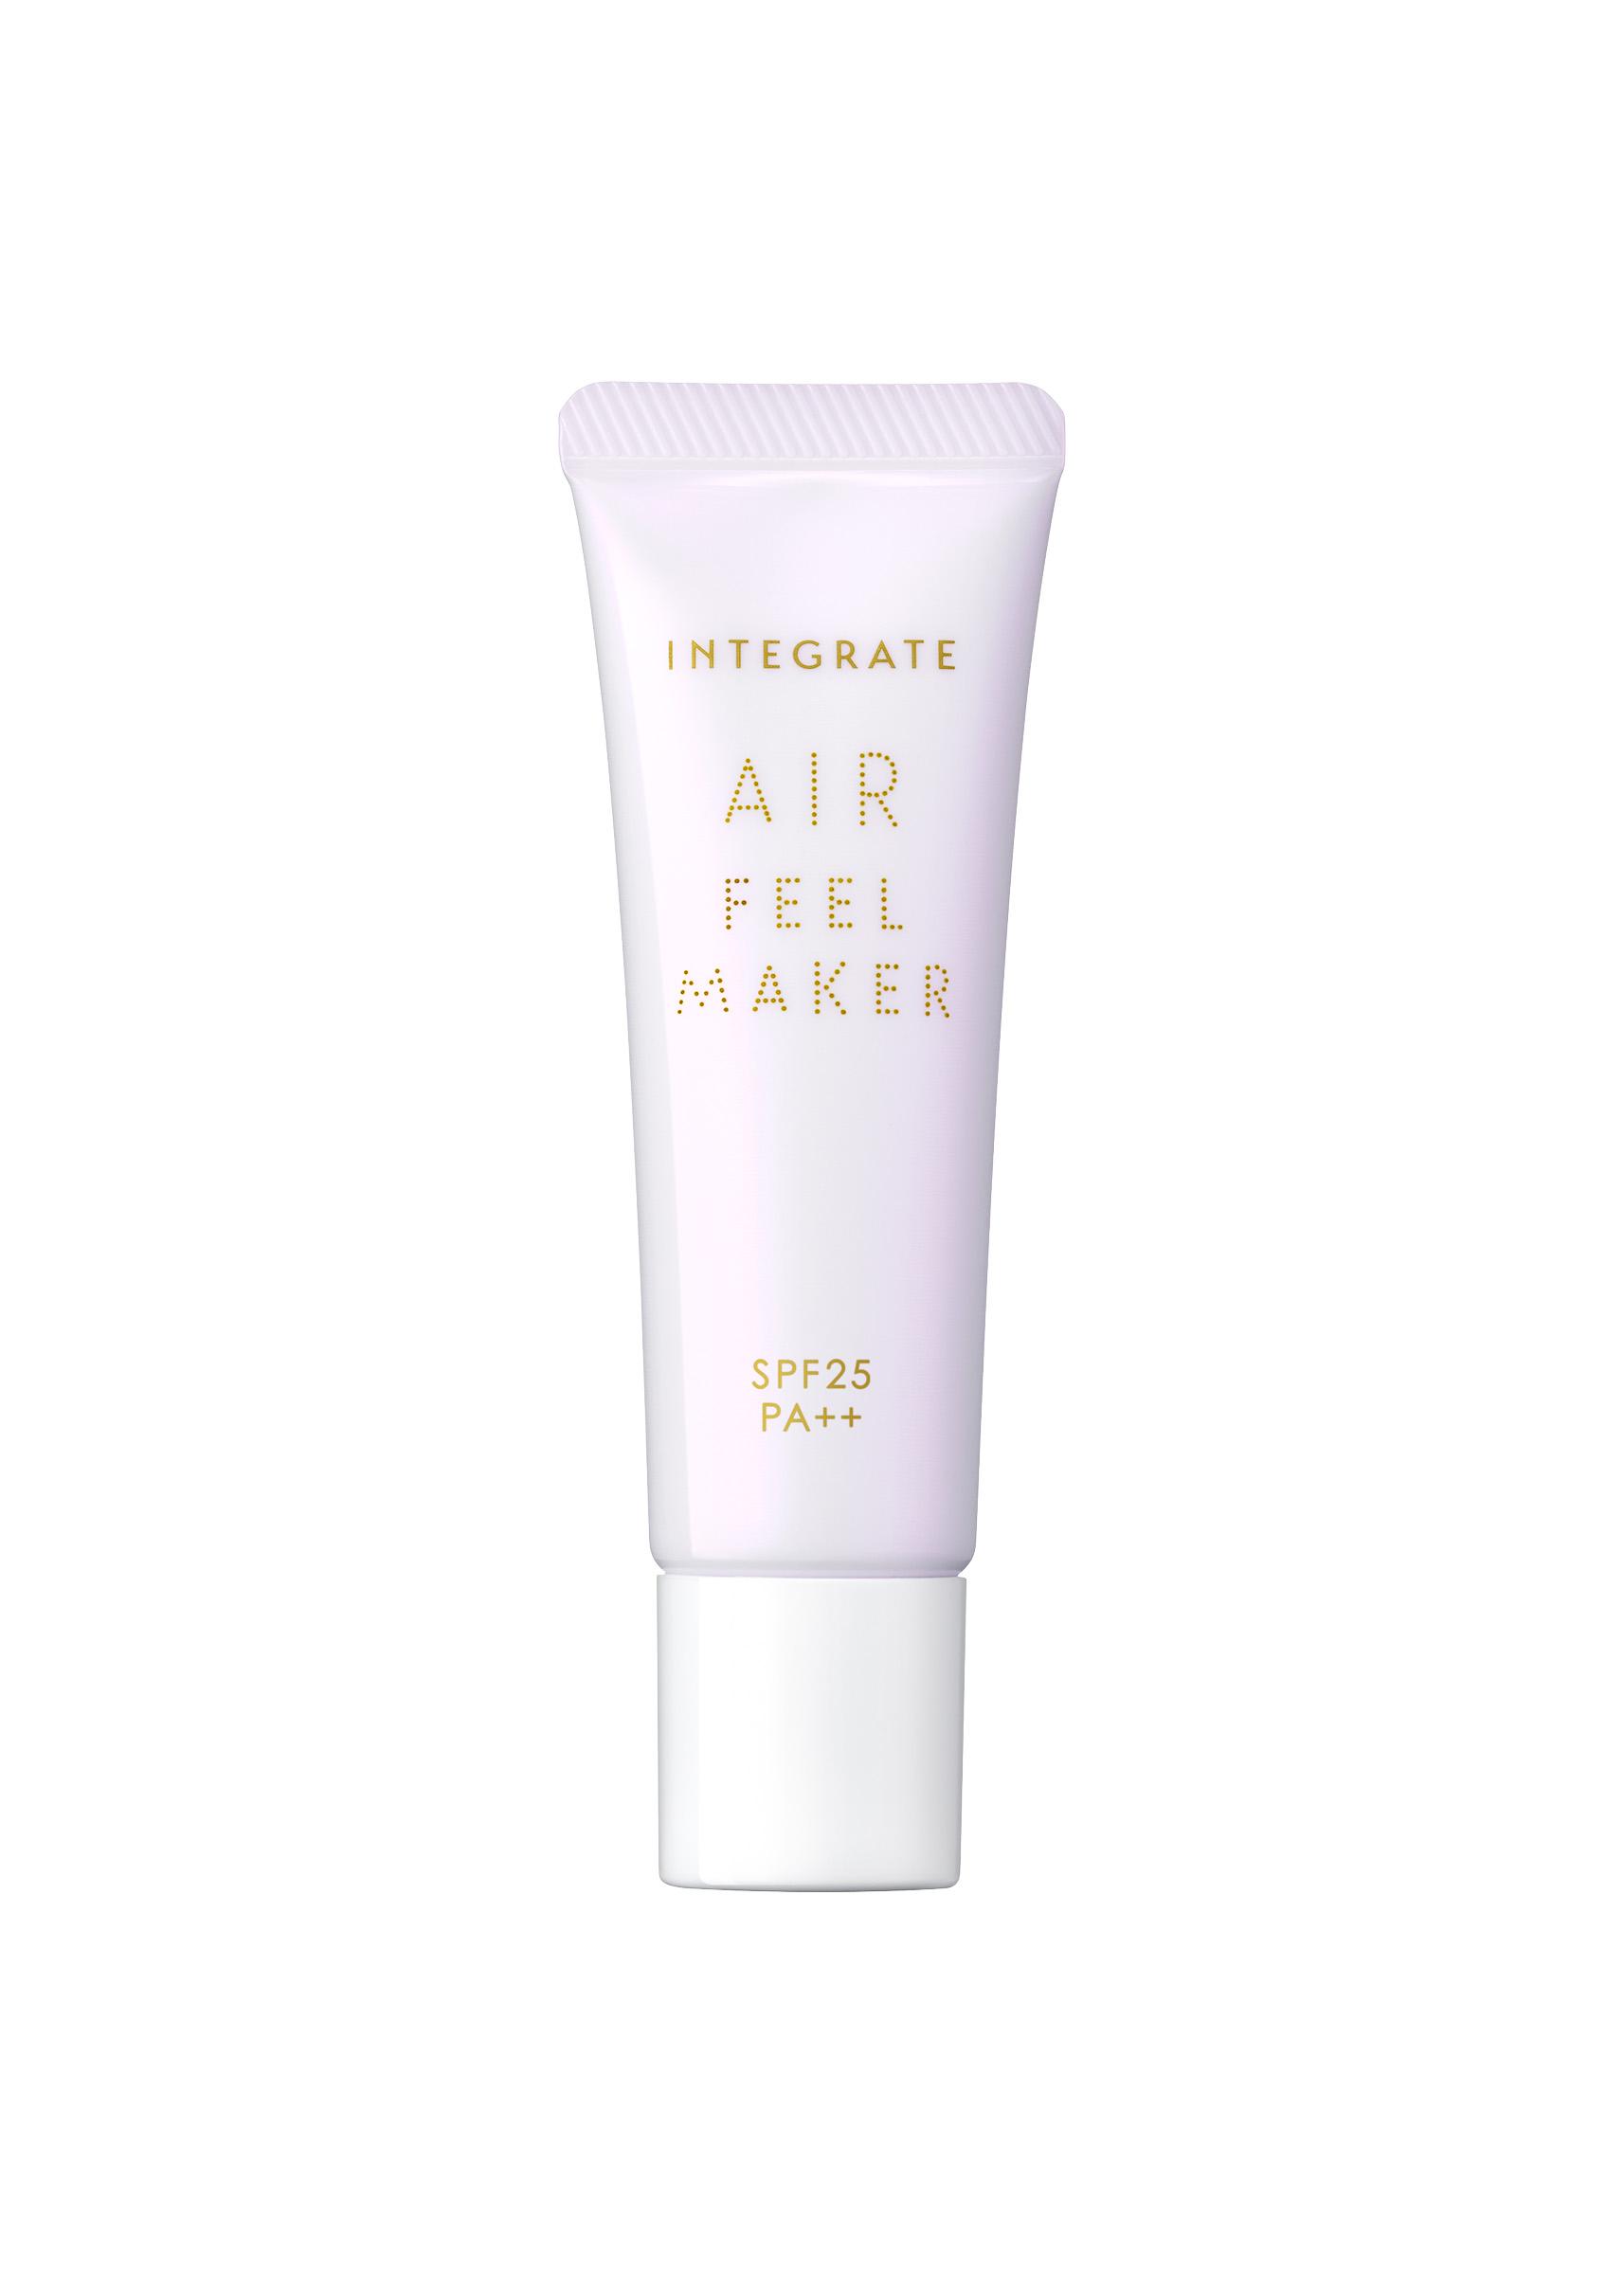 インテグレート、透け感&ふわさら肌を作る化粧下地を新発売